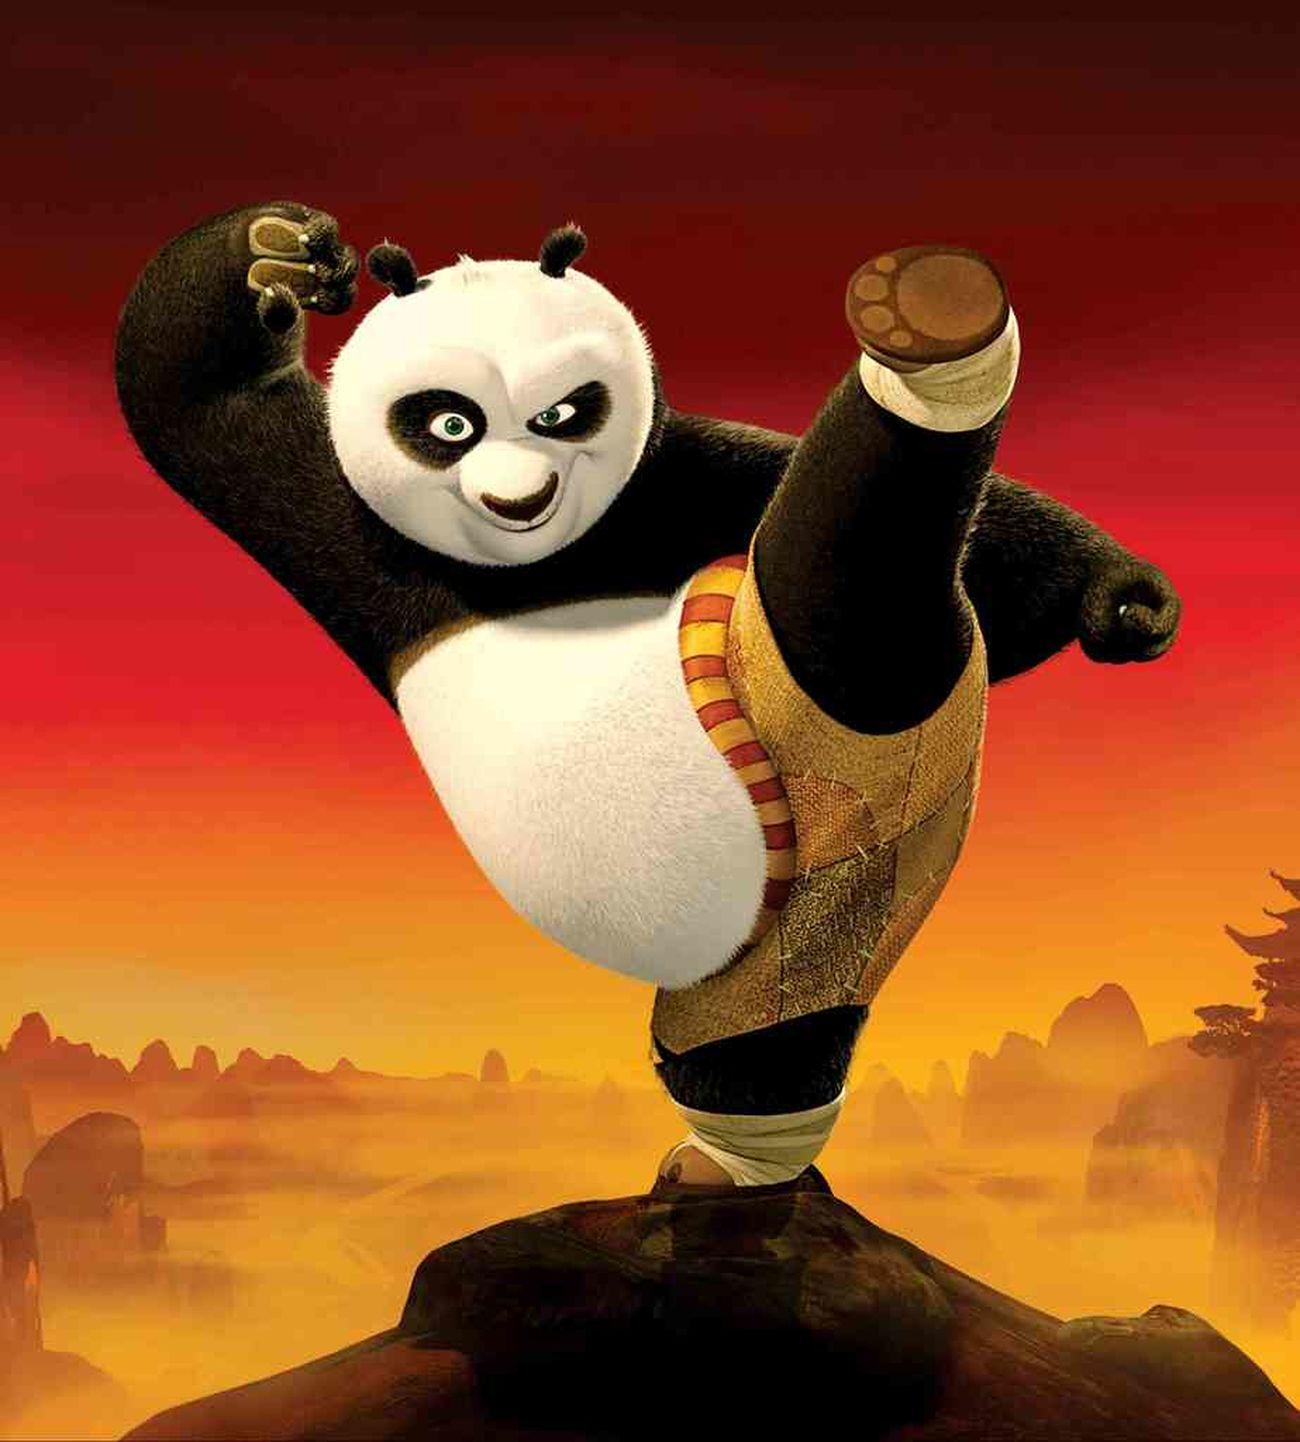 pow the dragon warrior The Kung BW PANDA ♡♡ Red Panda Relaxing